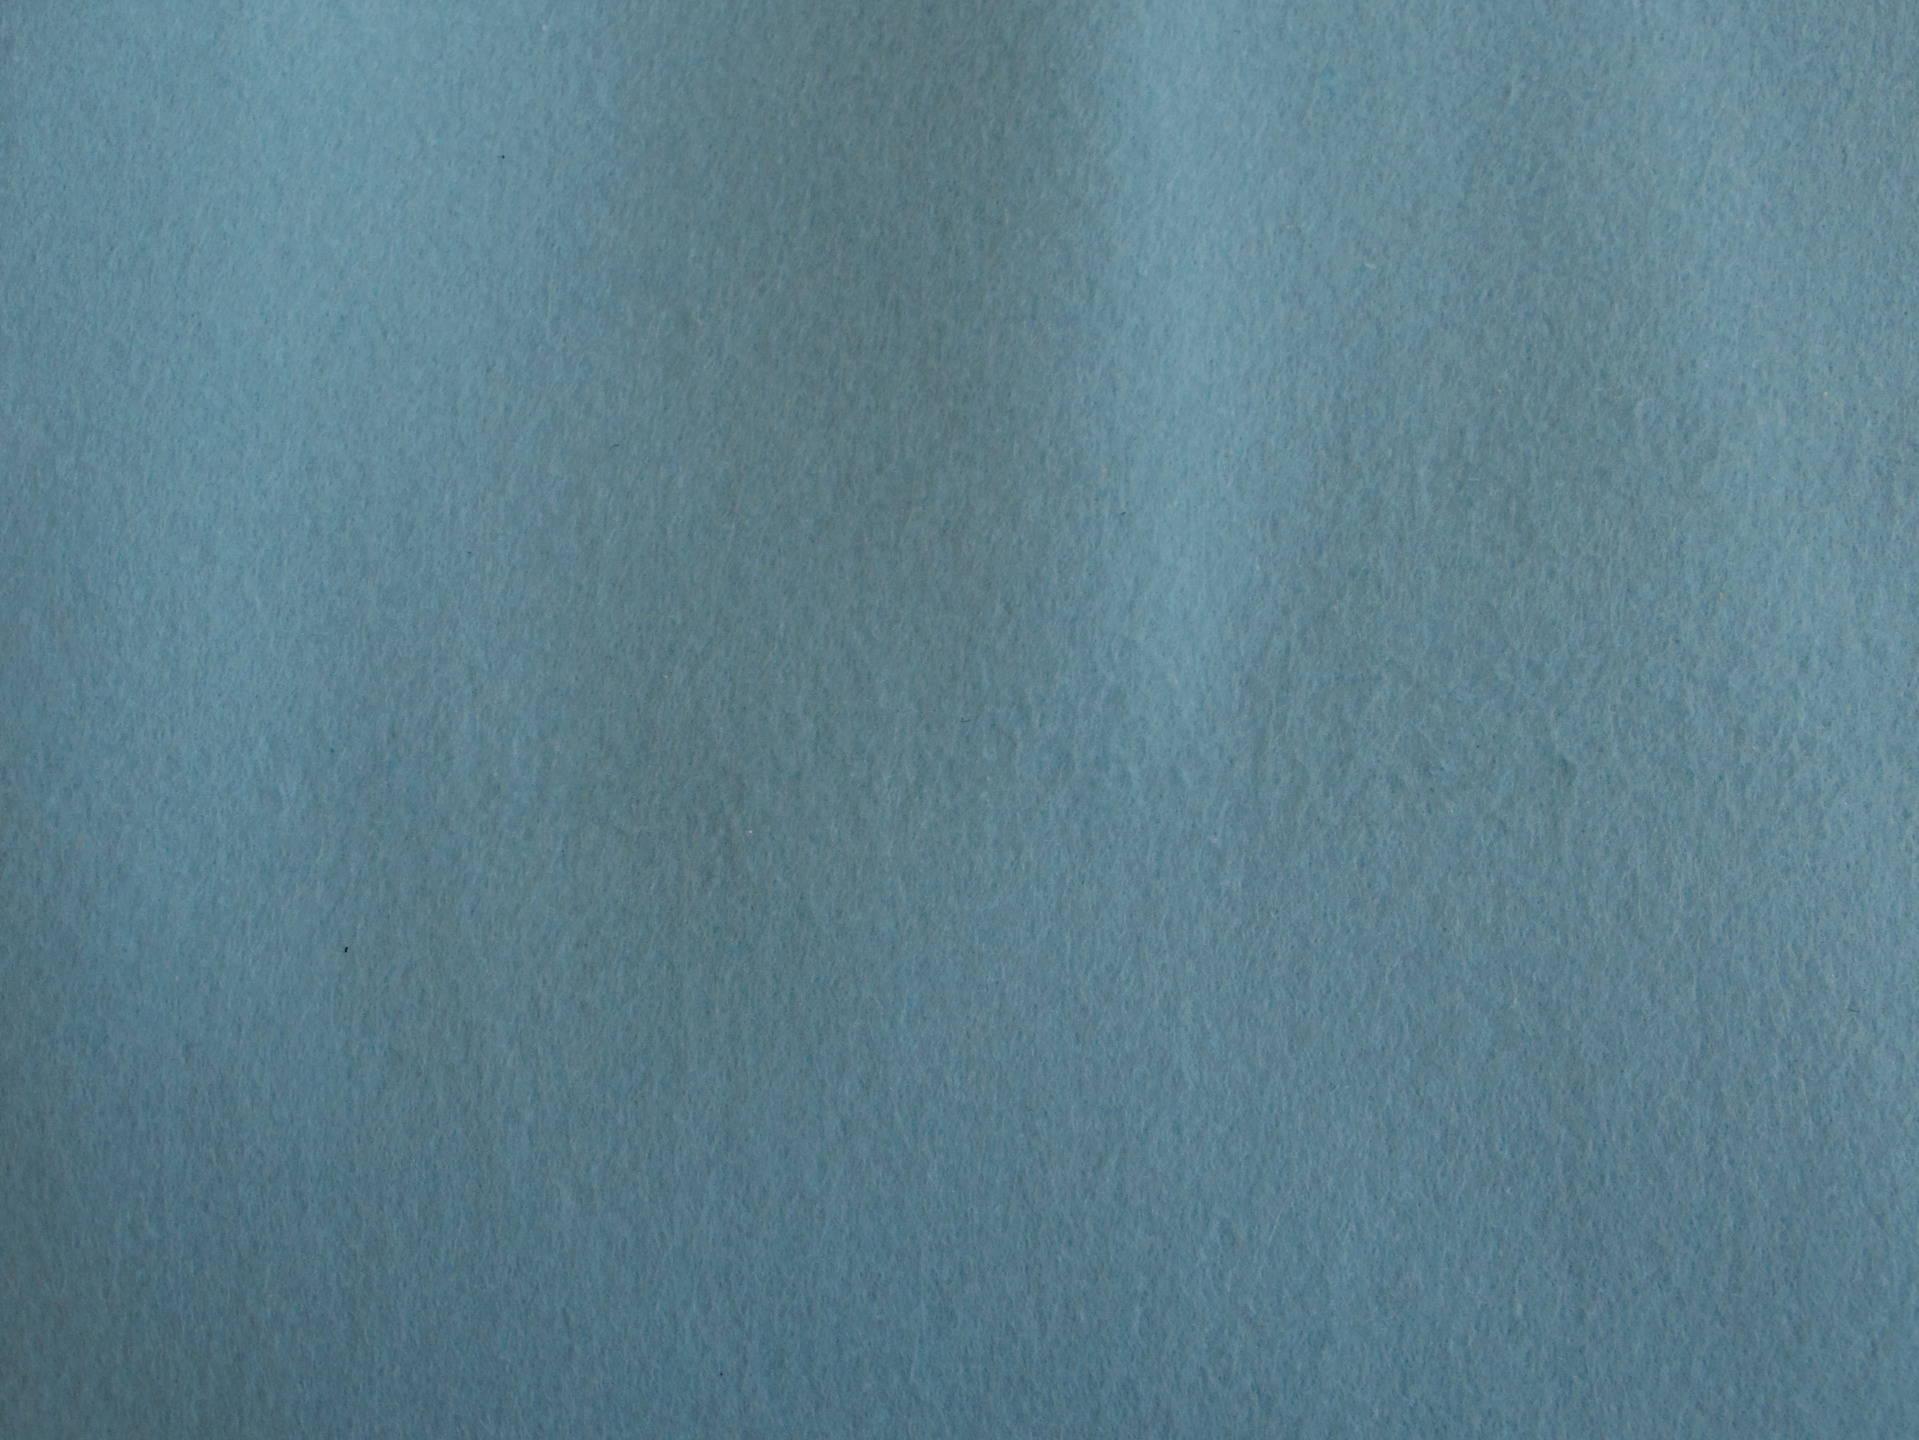 Coupon feutrine 1 mm bleu ciel 45 x 50 cm